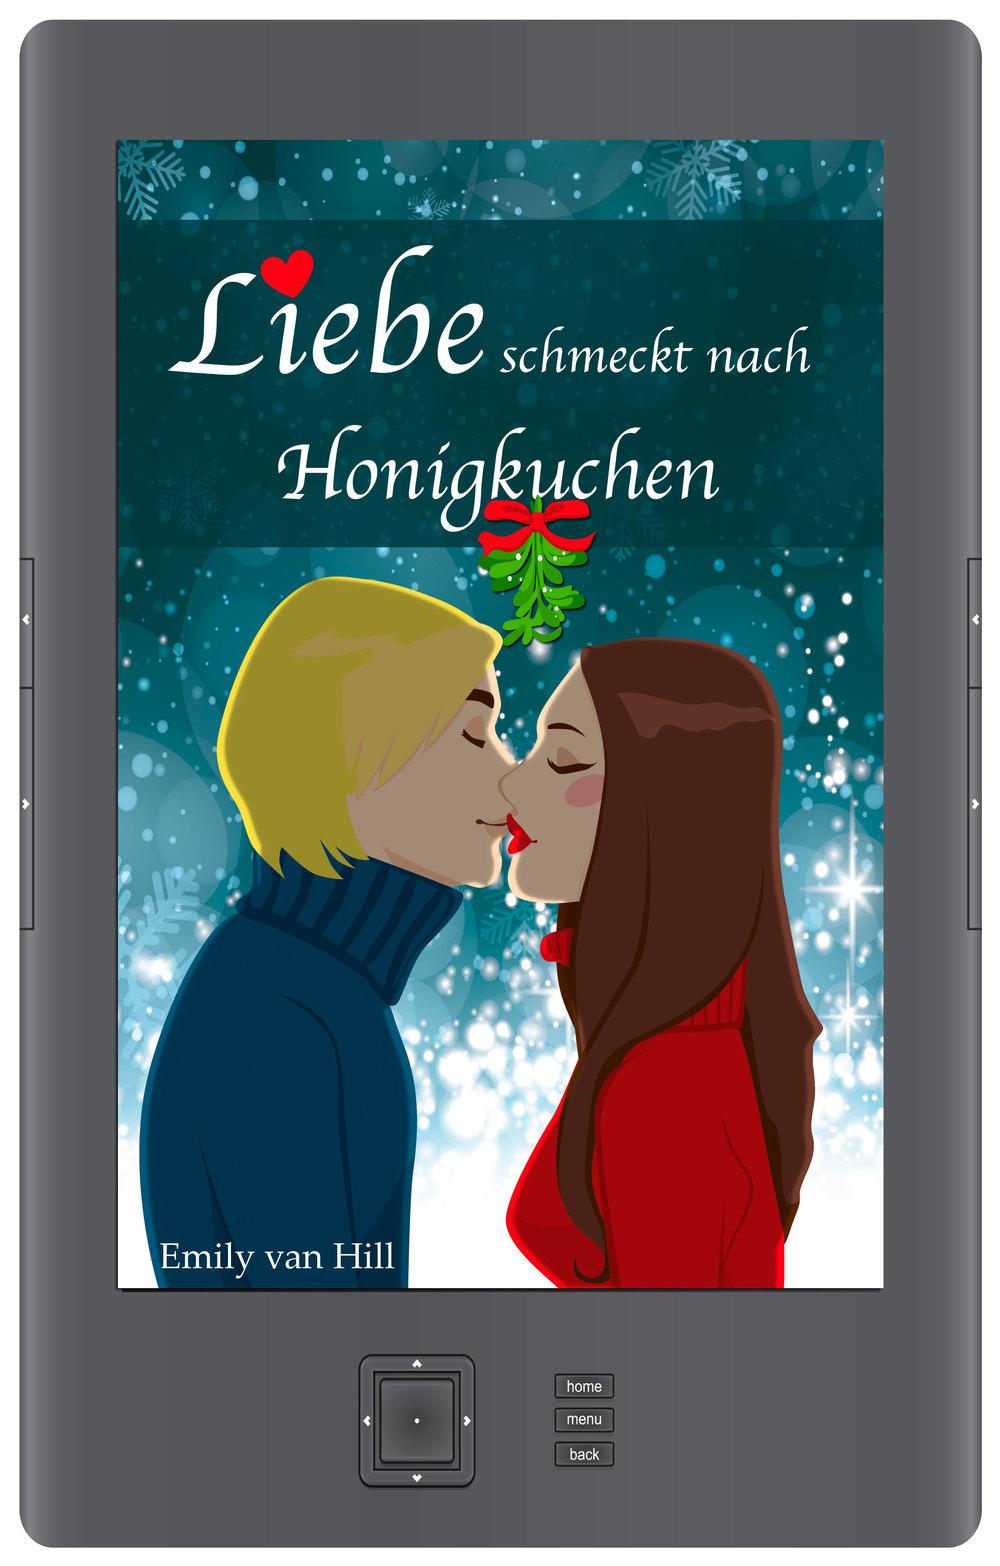 Liebe schmeckt nach Honigkuchen  - Jetzt als E-book.